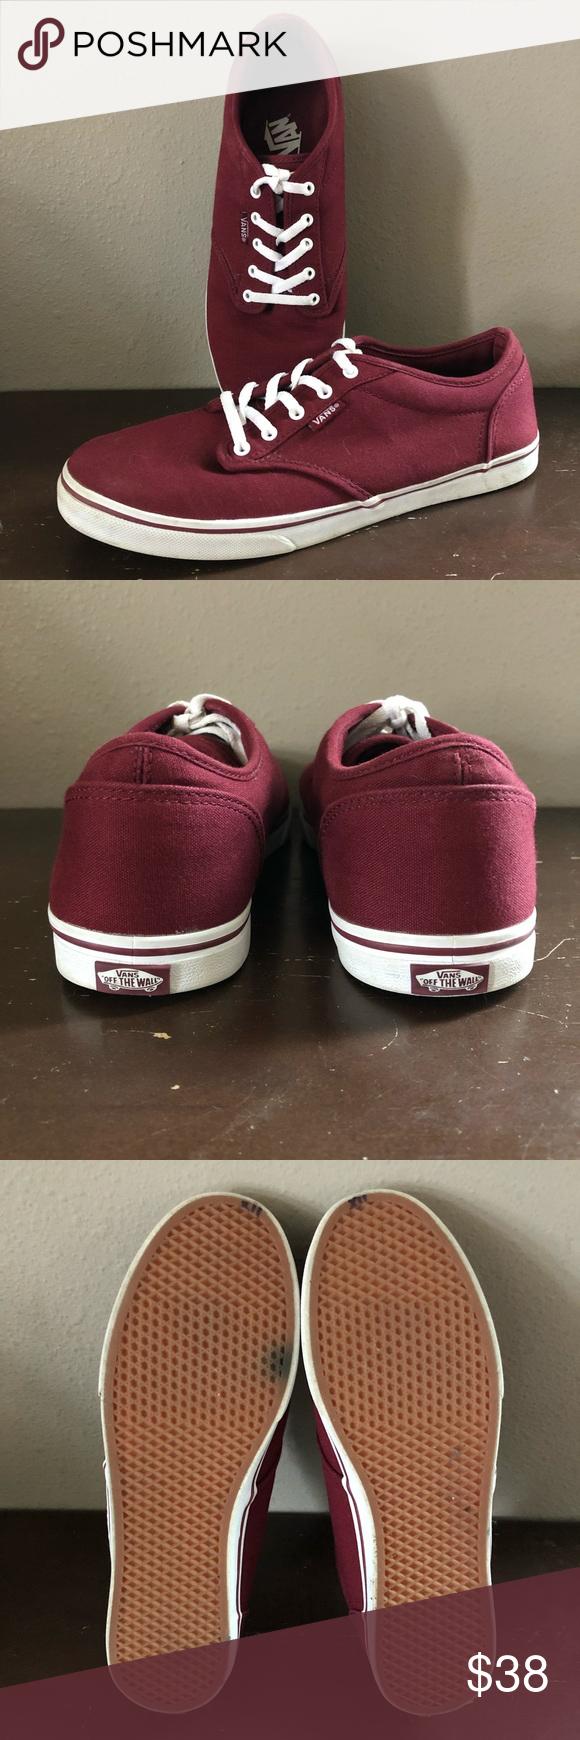 1cc8ed9e08 Maroon Authentic Vans EUC maroon and white Authentic Vans. Women s size 8 1 2.  Vans Shoes Sneakers